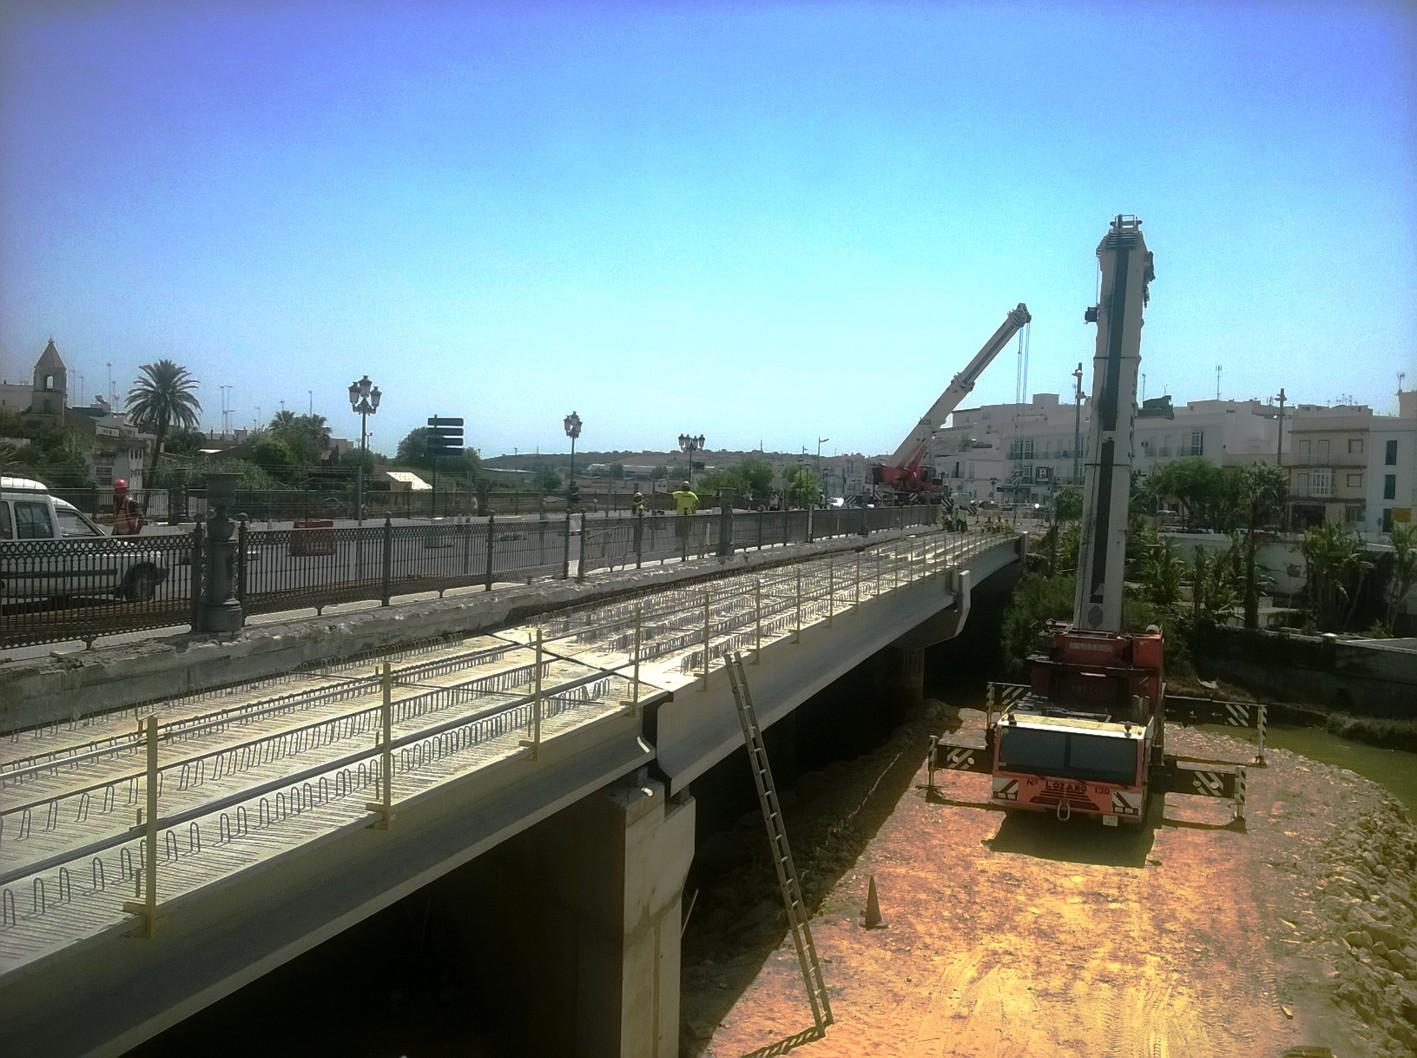 La Junta ha completado de colocar el ala de ampliaci�n de la estructura del puente de Los Remedios.